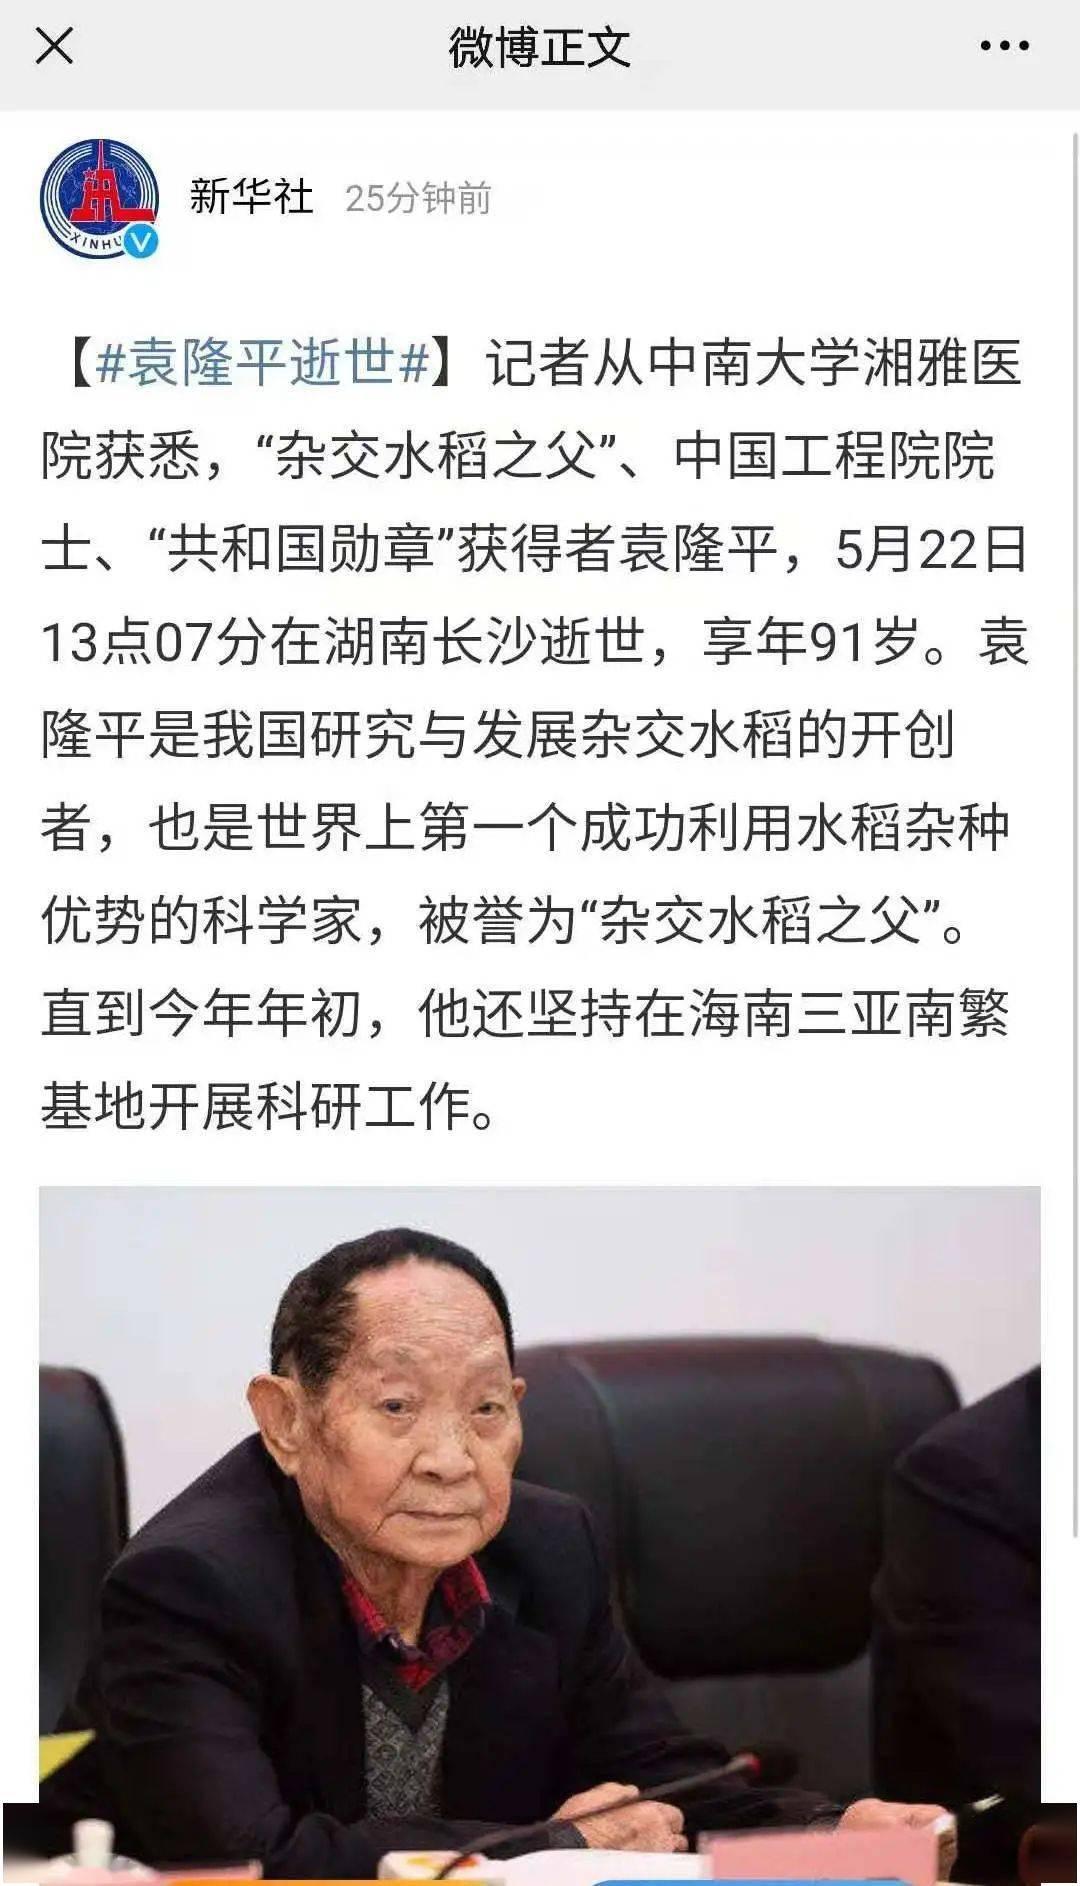 四川水稻育种专家沉痛哀悼袁老:我们这些水稻人,还要继续推动袁老的水稻事业往前走